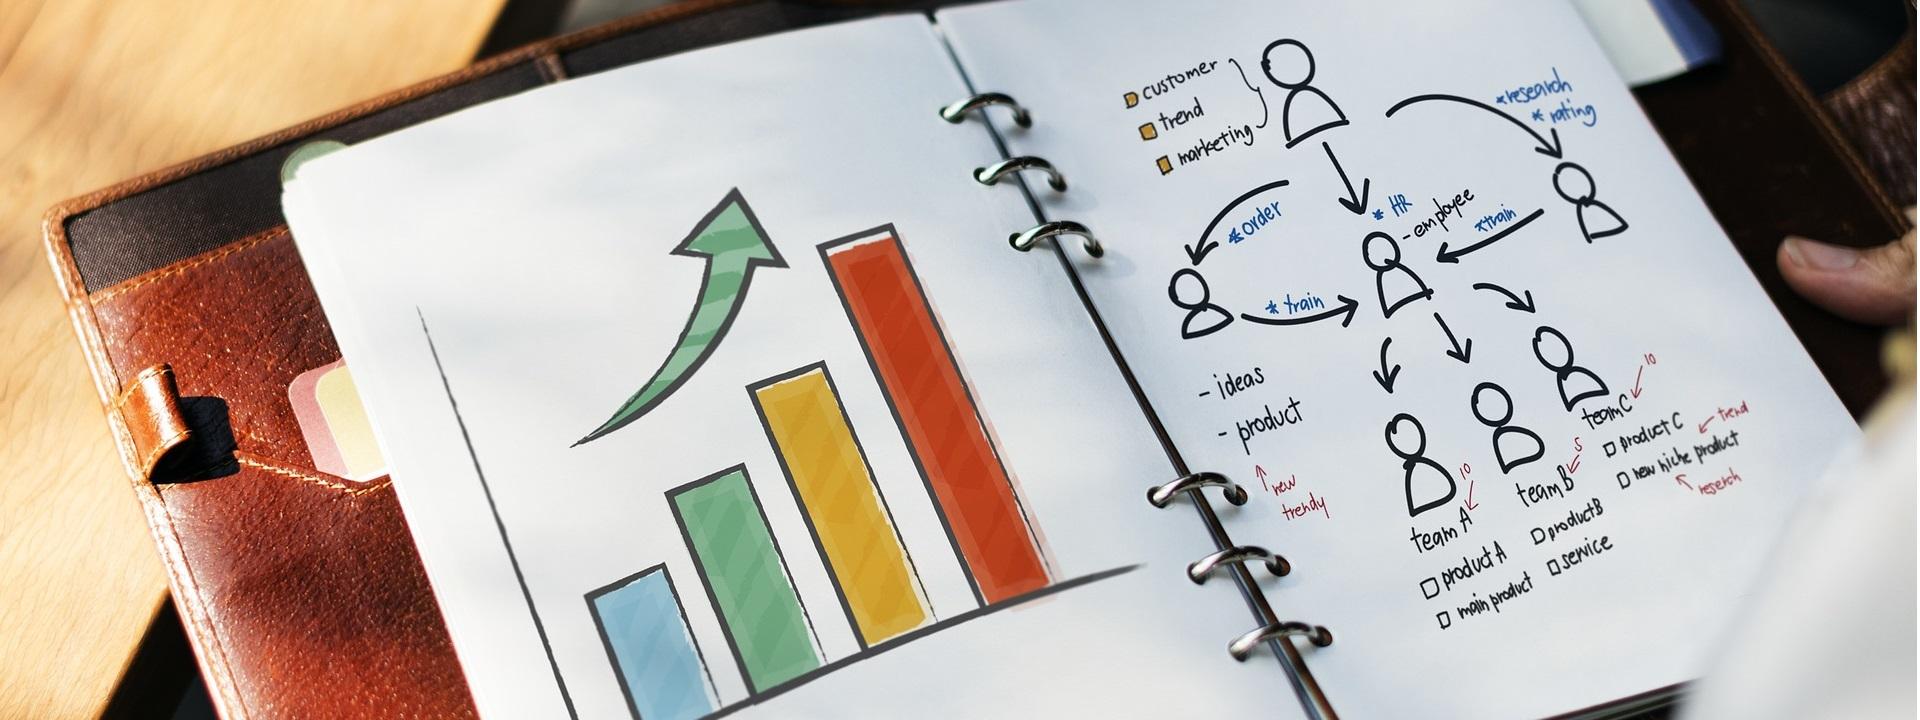 Grafici e appunti su quaderno